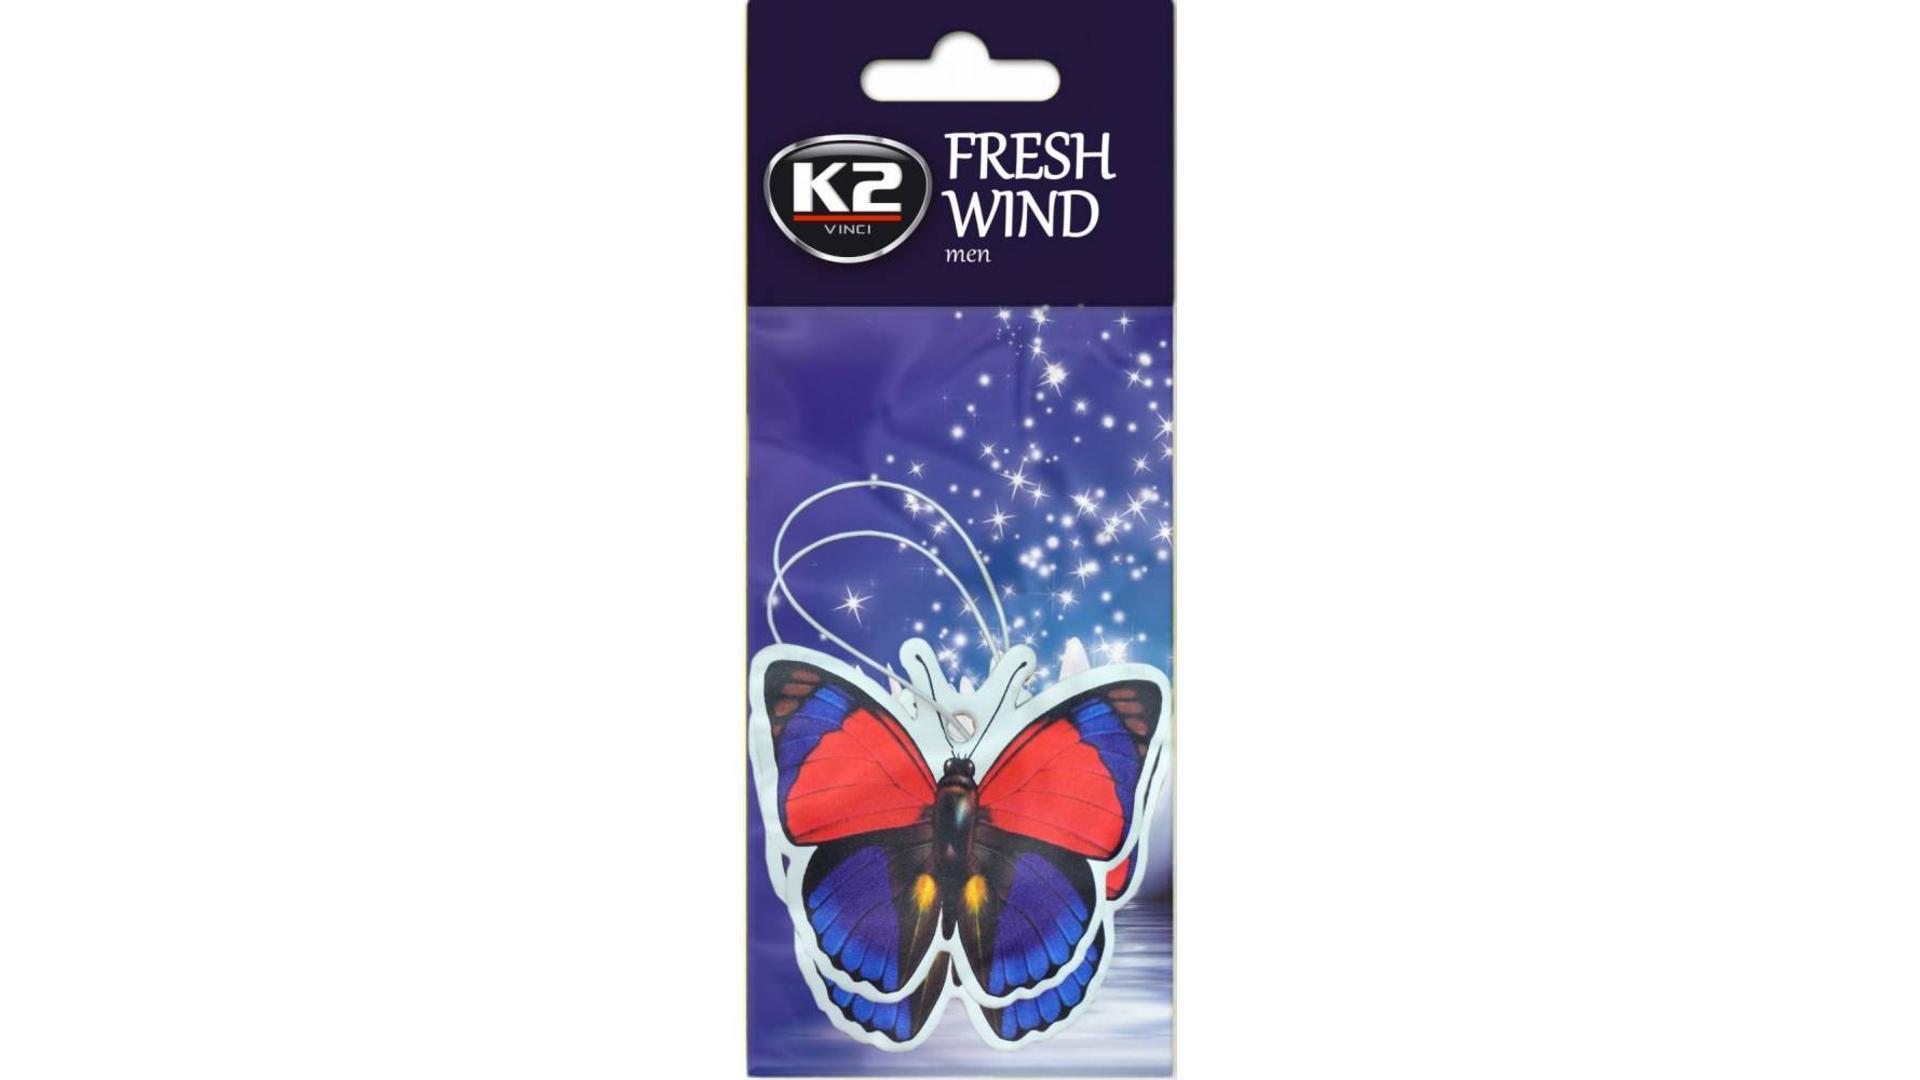 K2 FRESH WIND osvěžovač vzduchu - Muž